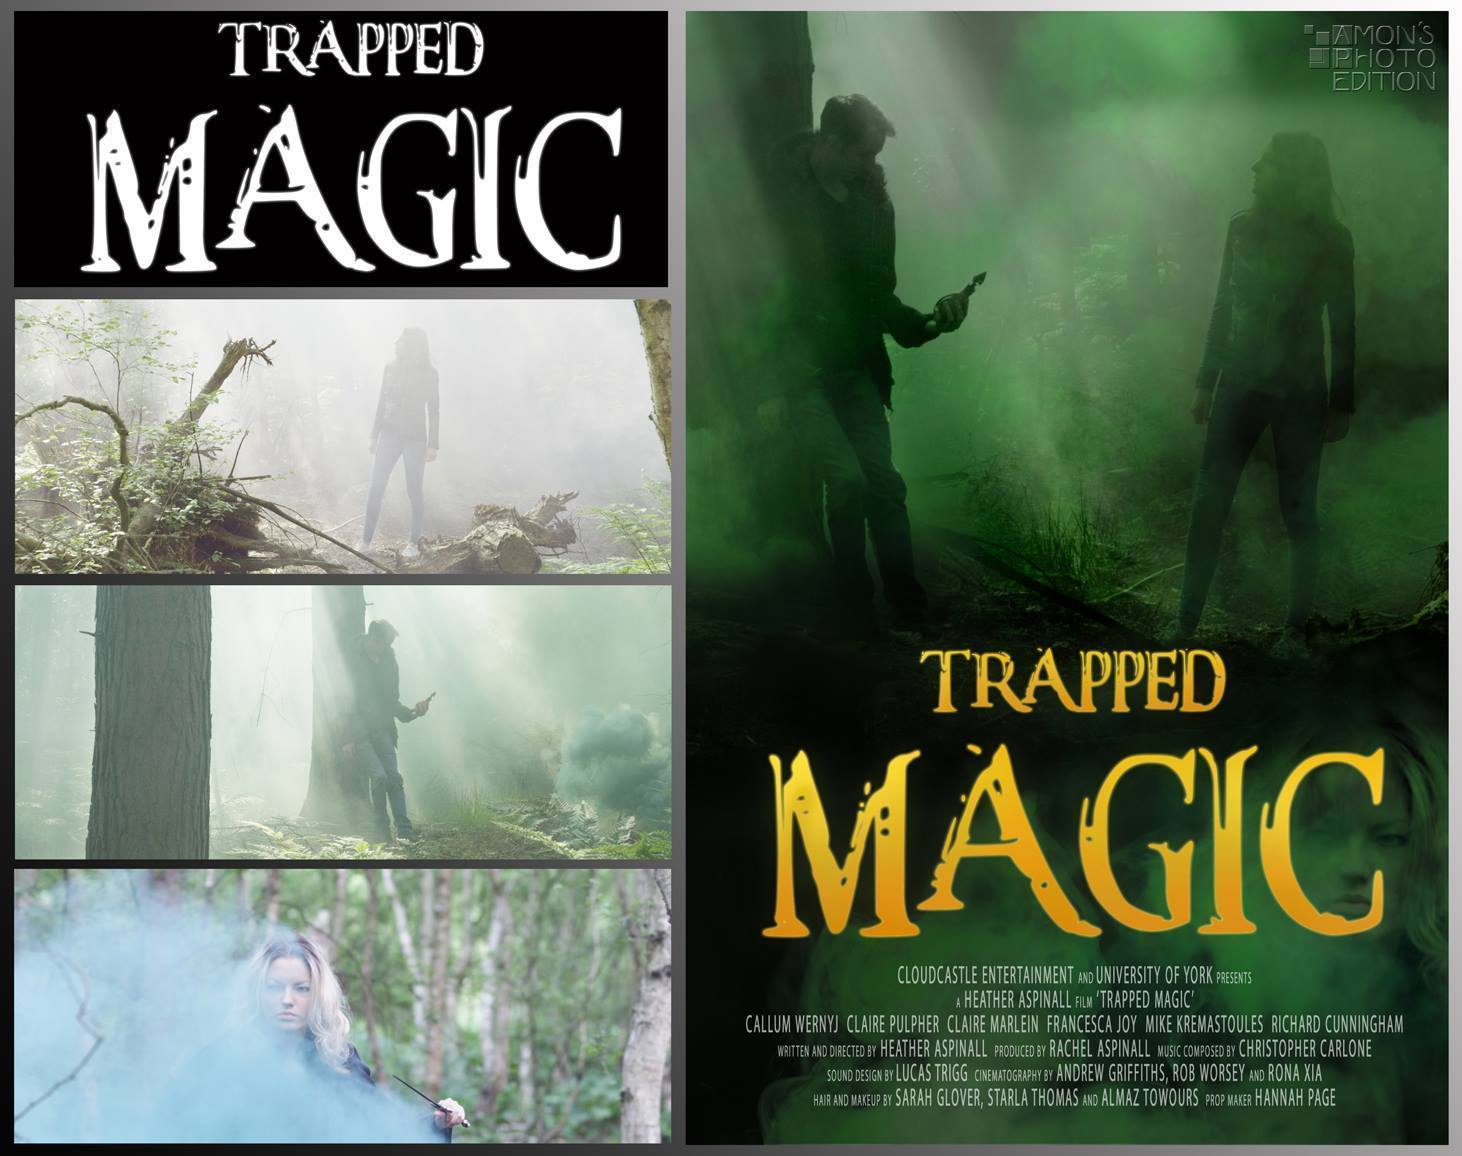 Artwork and poster for short film 'Trapped Magic'. Graphic design by Amon Silvio Kivineva